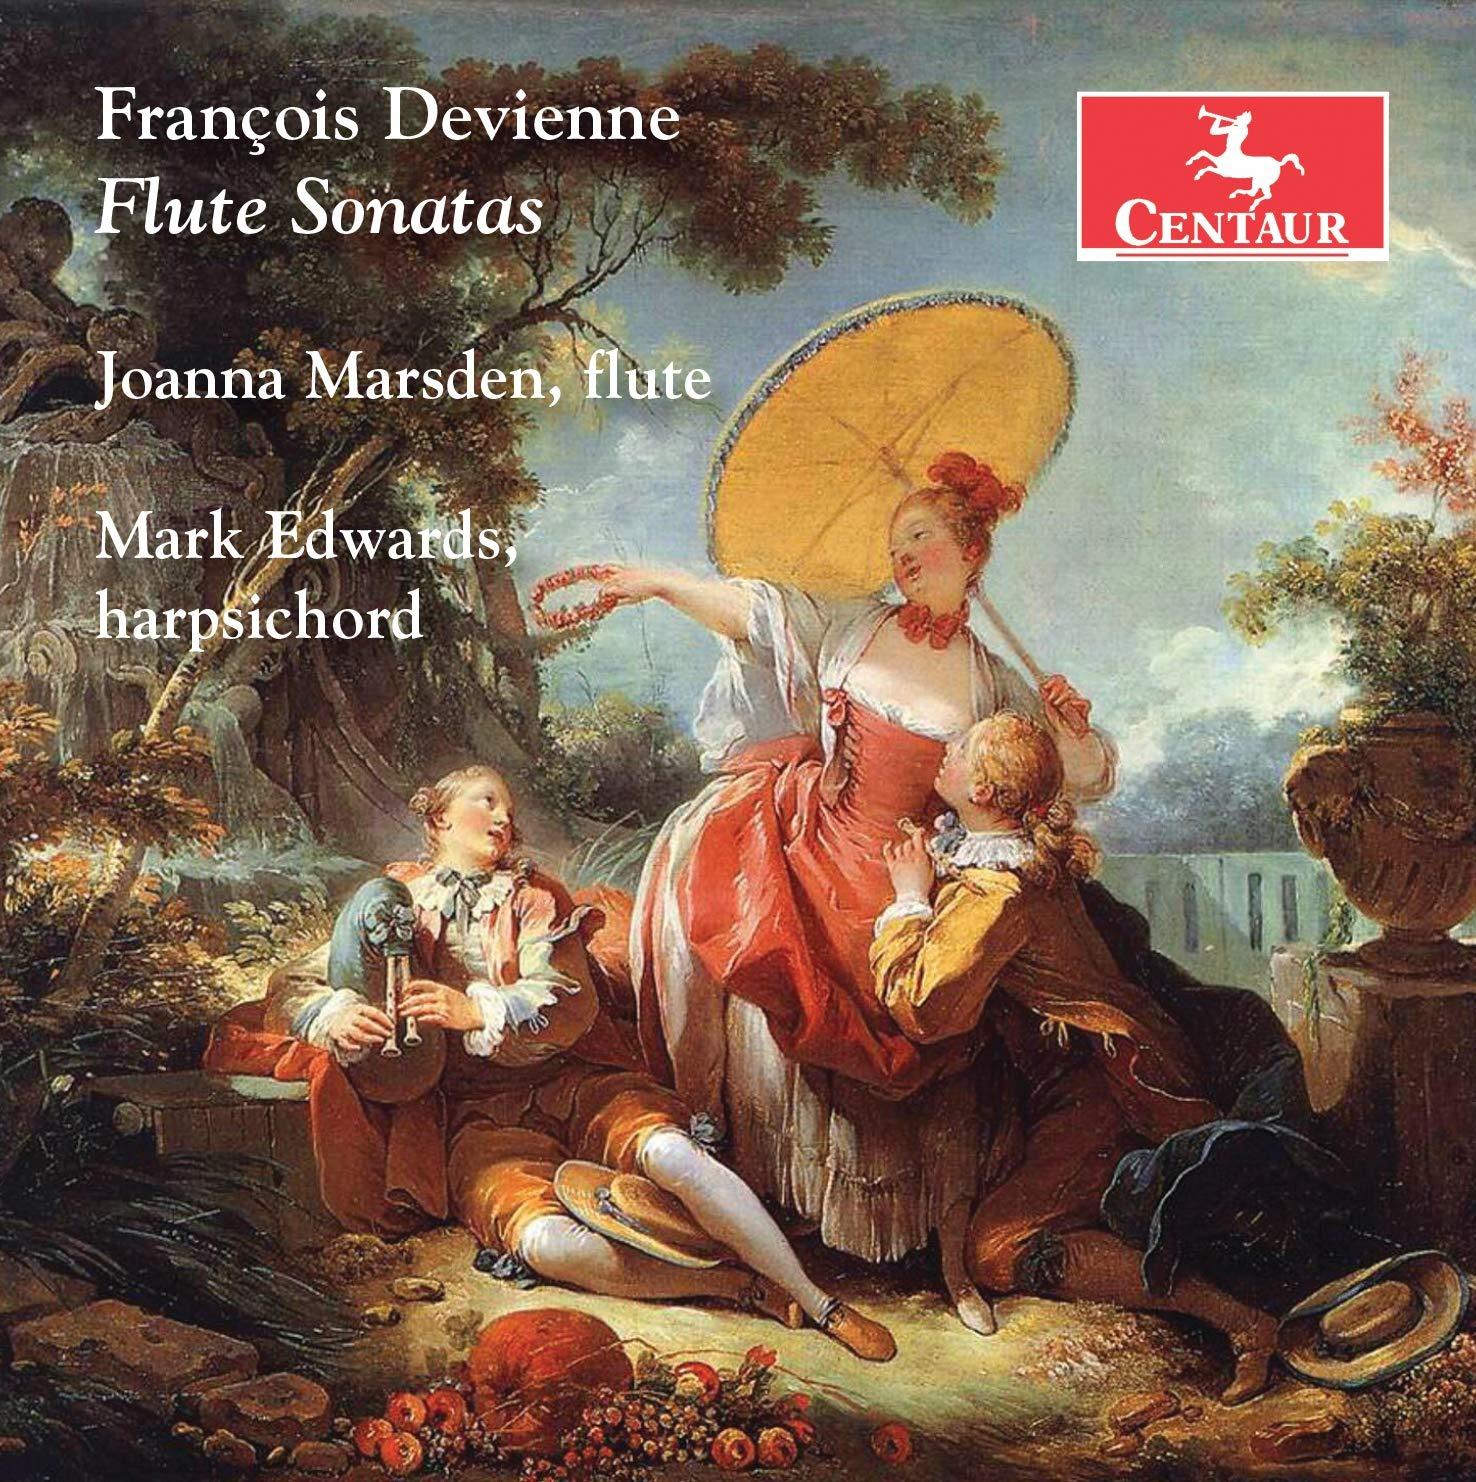 Flute Sonatas - Joanna Marsden - Musik - CENTAUR - 0044747367521 - September 13, 2019